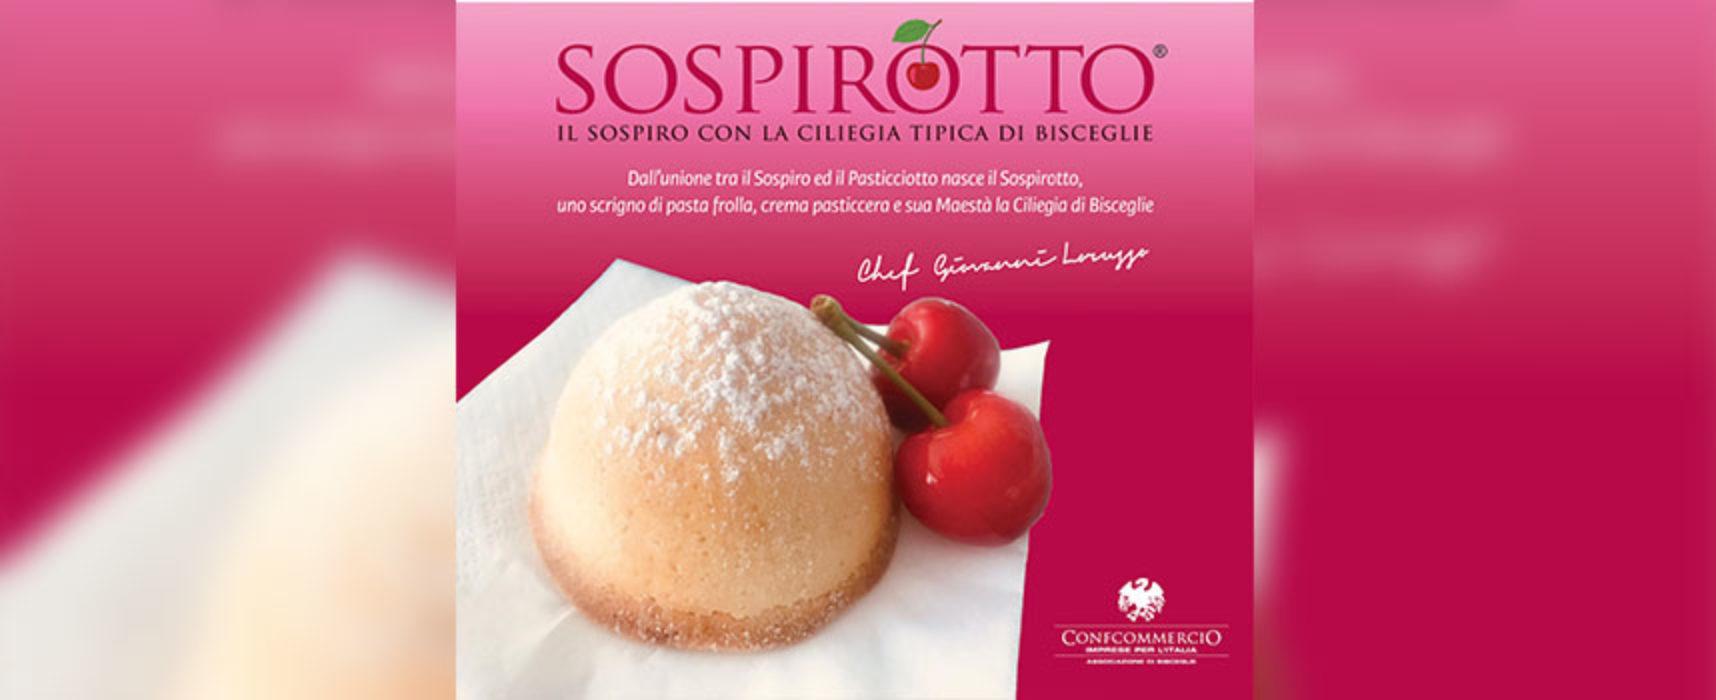 Sospiro e ciliegia tipica biscegliese per una nuova creazione dolciaria